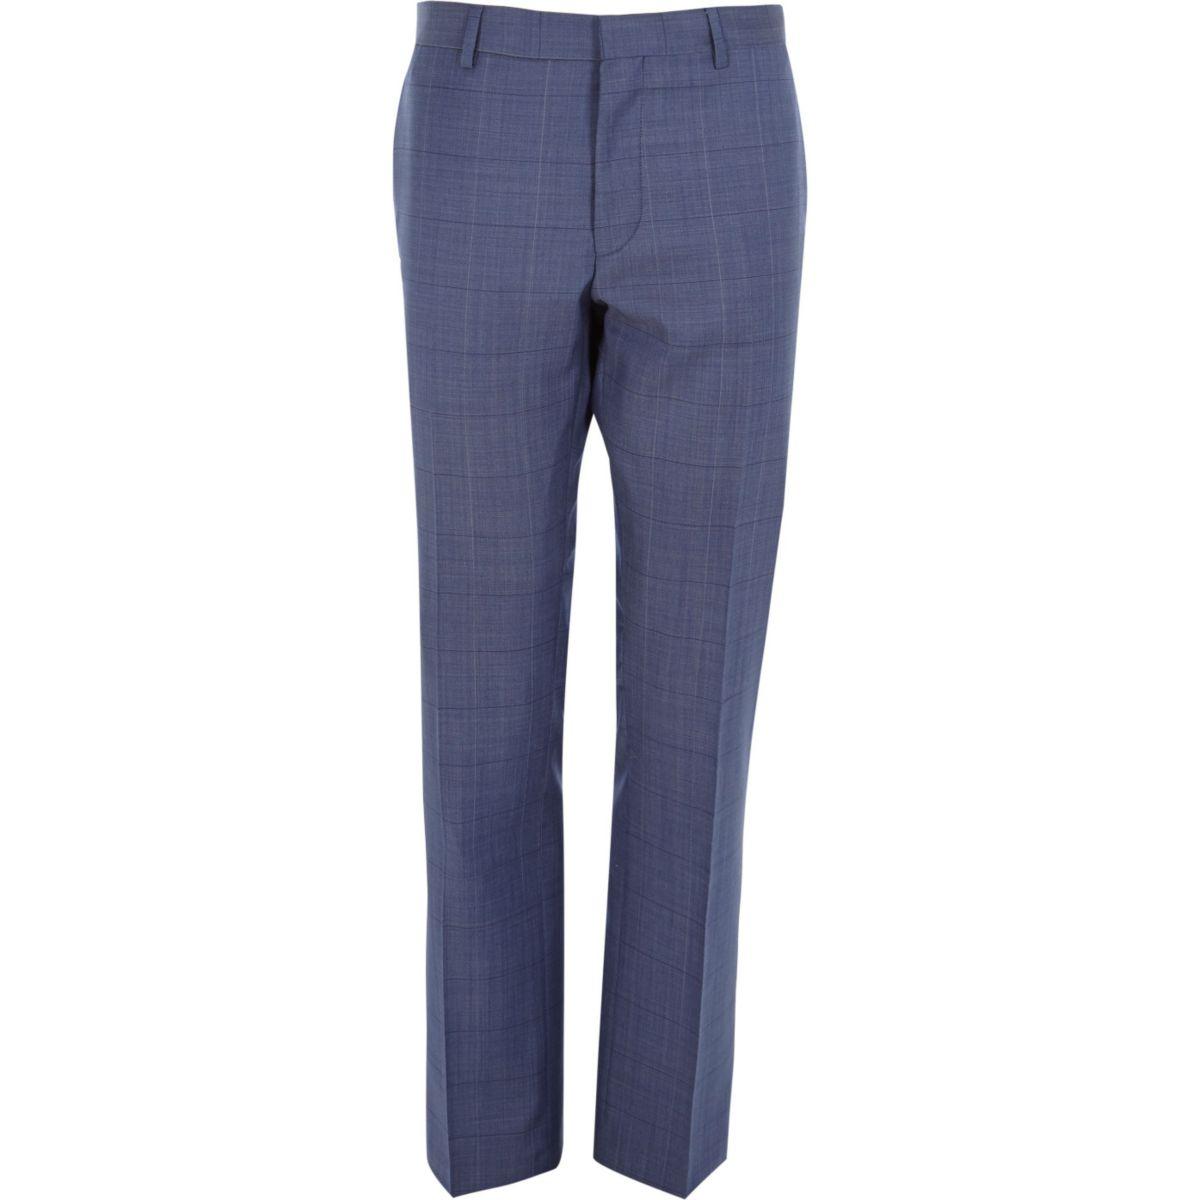 Pantalon de costume slim en laine mélangée bleue